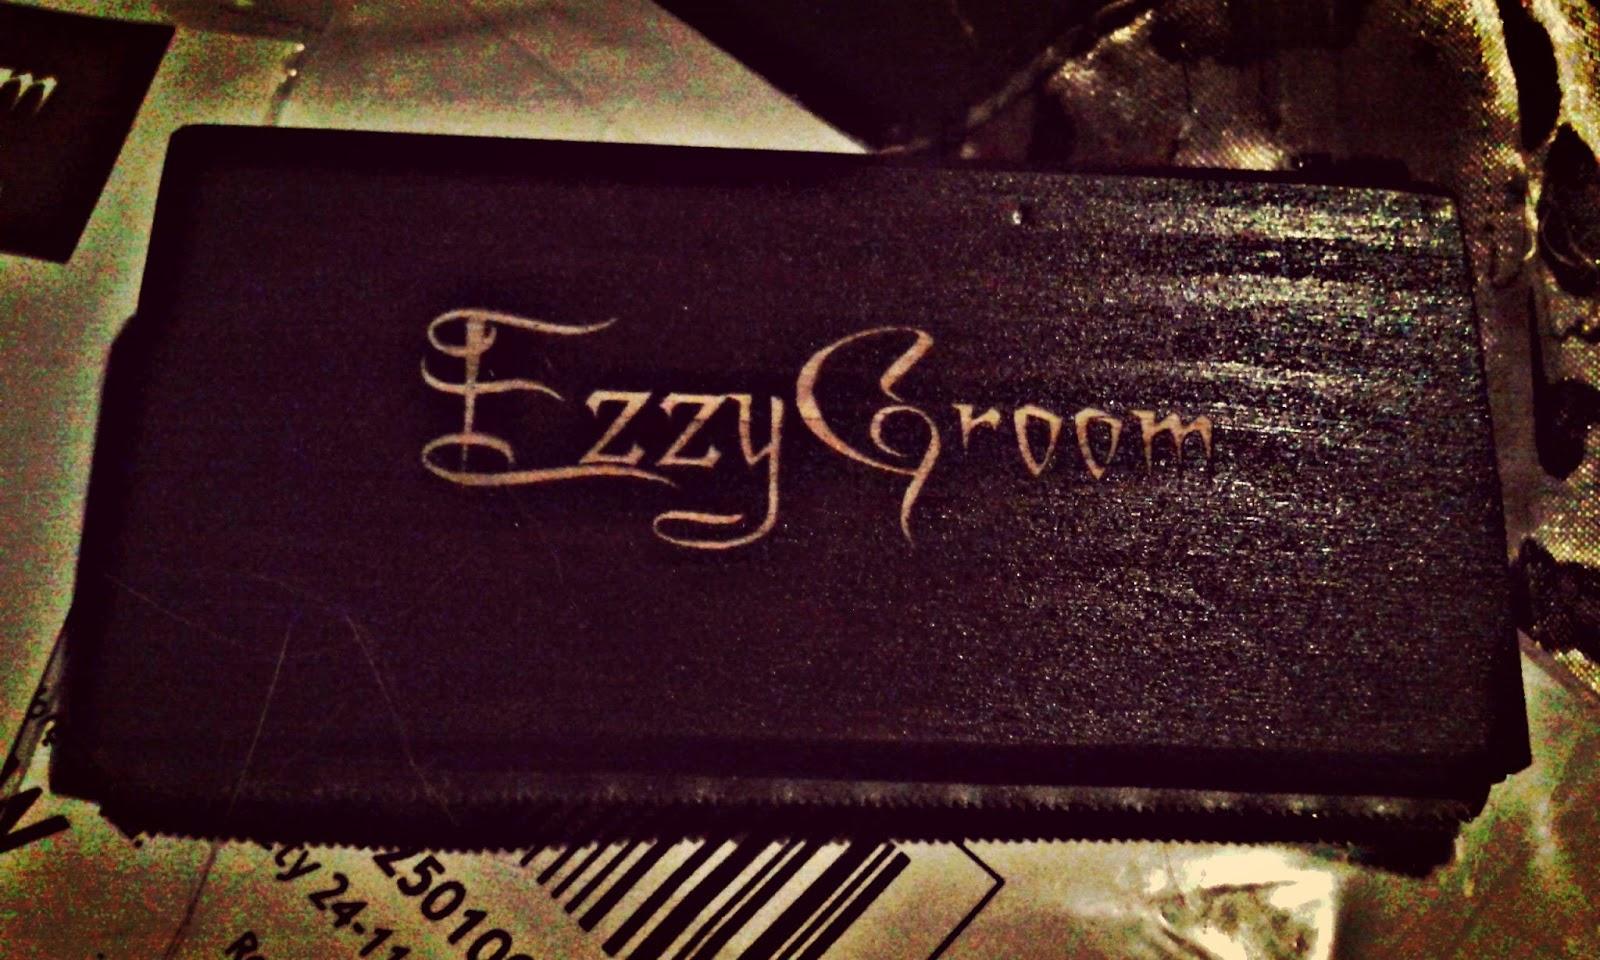 Bardzo dobry Kupiliśmy Ezzy Groom | Łapą Pisane PS01